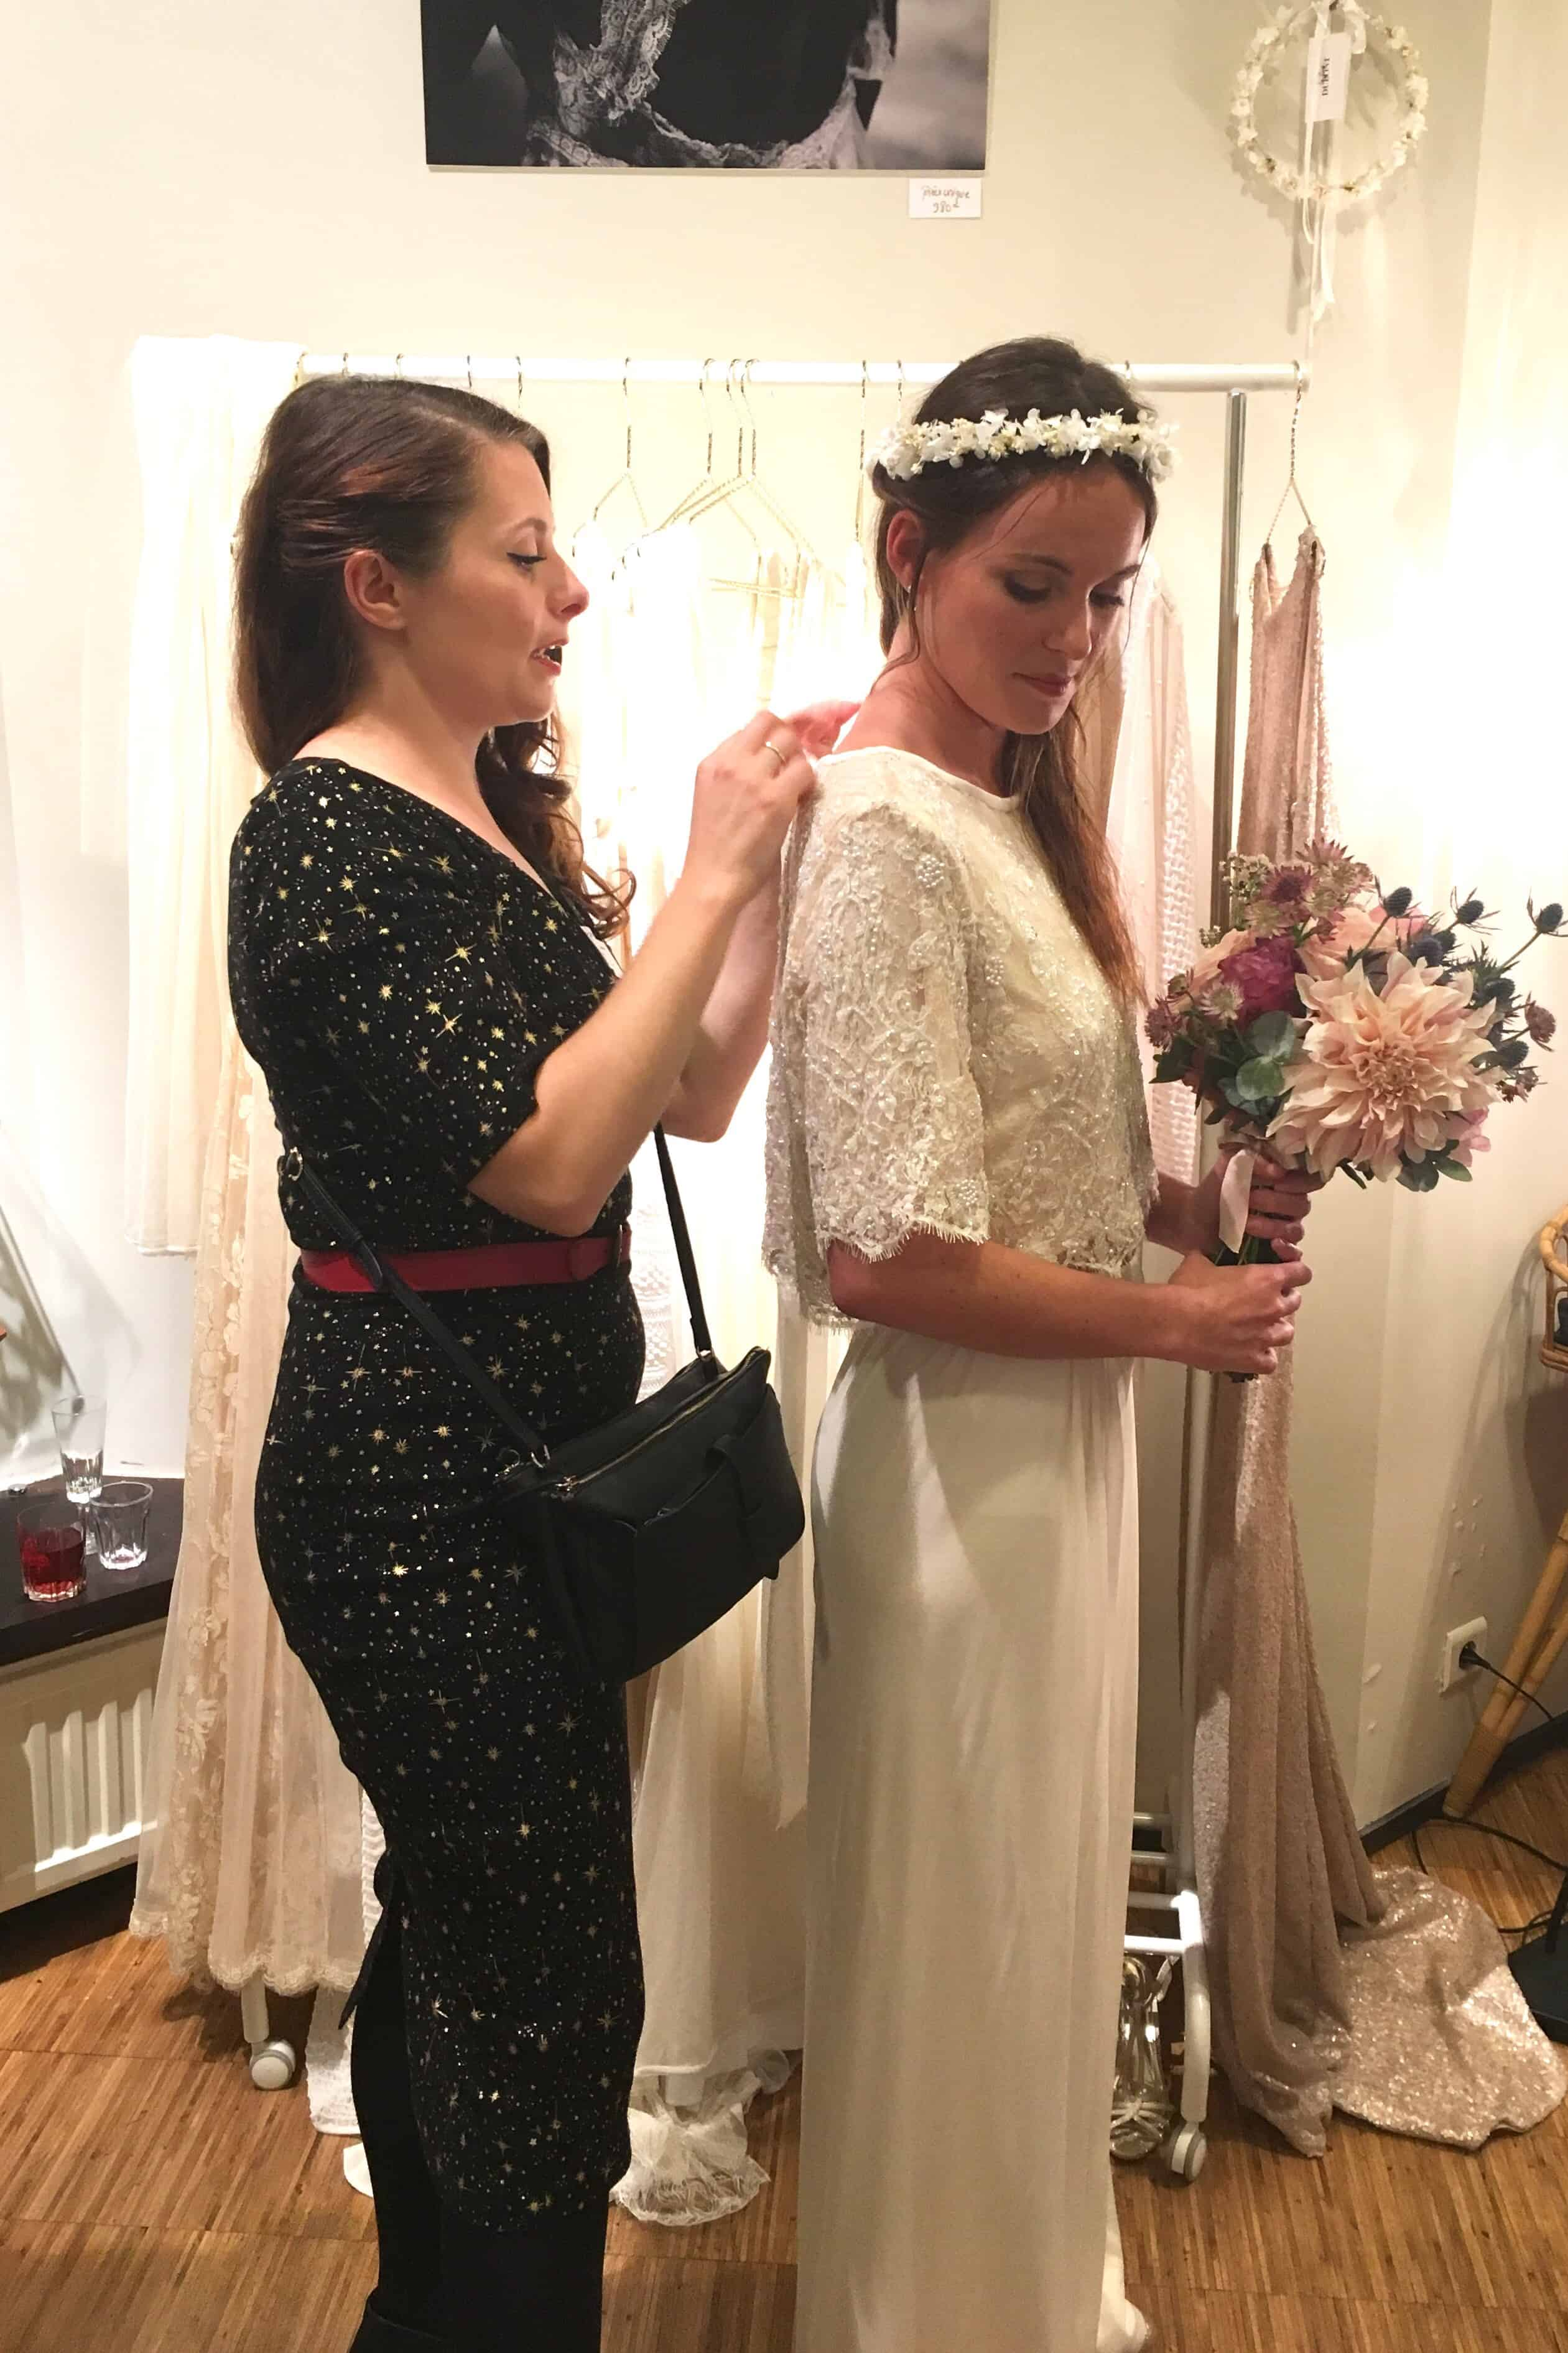 L'Amoureuse by Ingrid Fey en plein essayage de robe de mariée et d'accessoires de cheveux